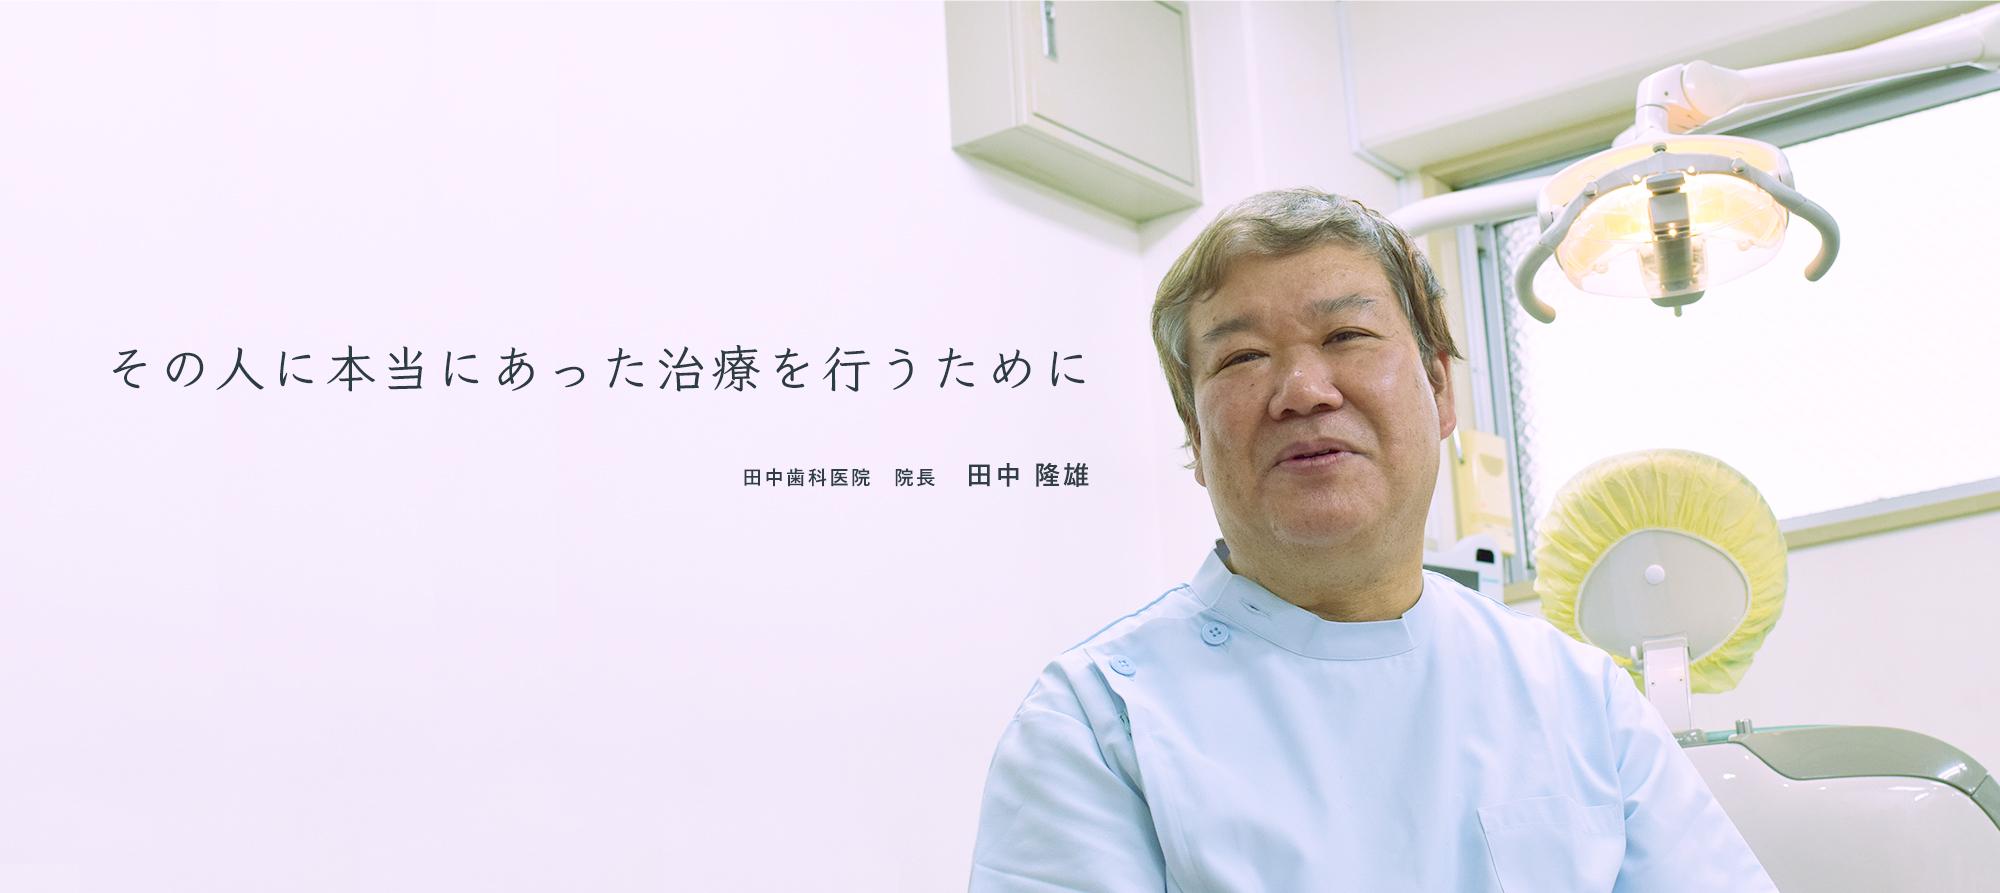 田中 デンタル クリニック